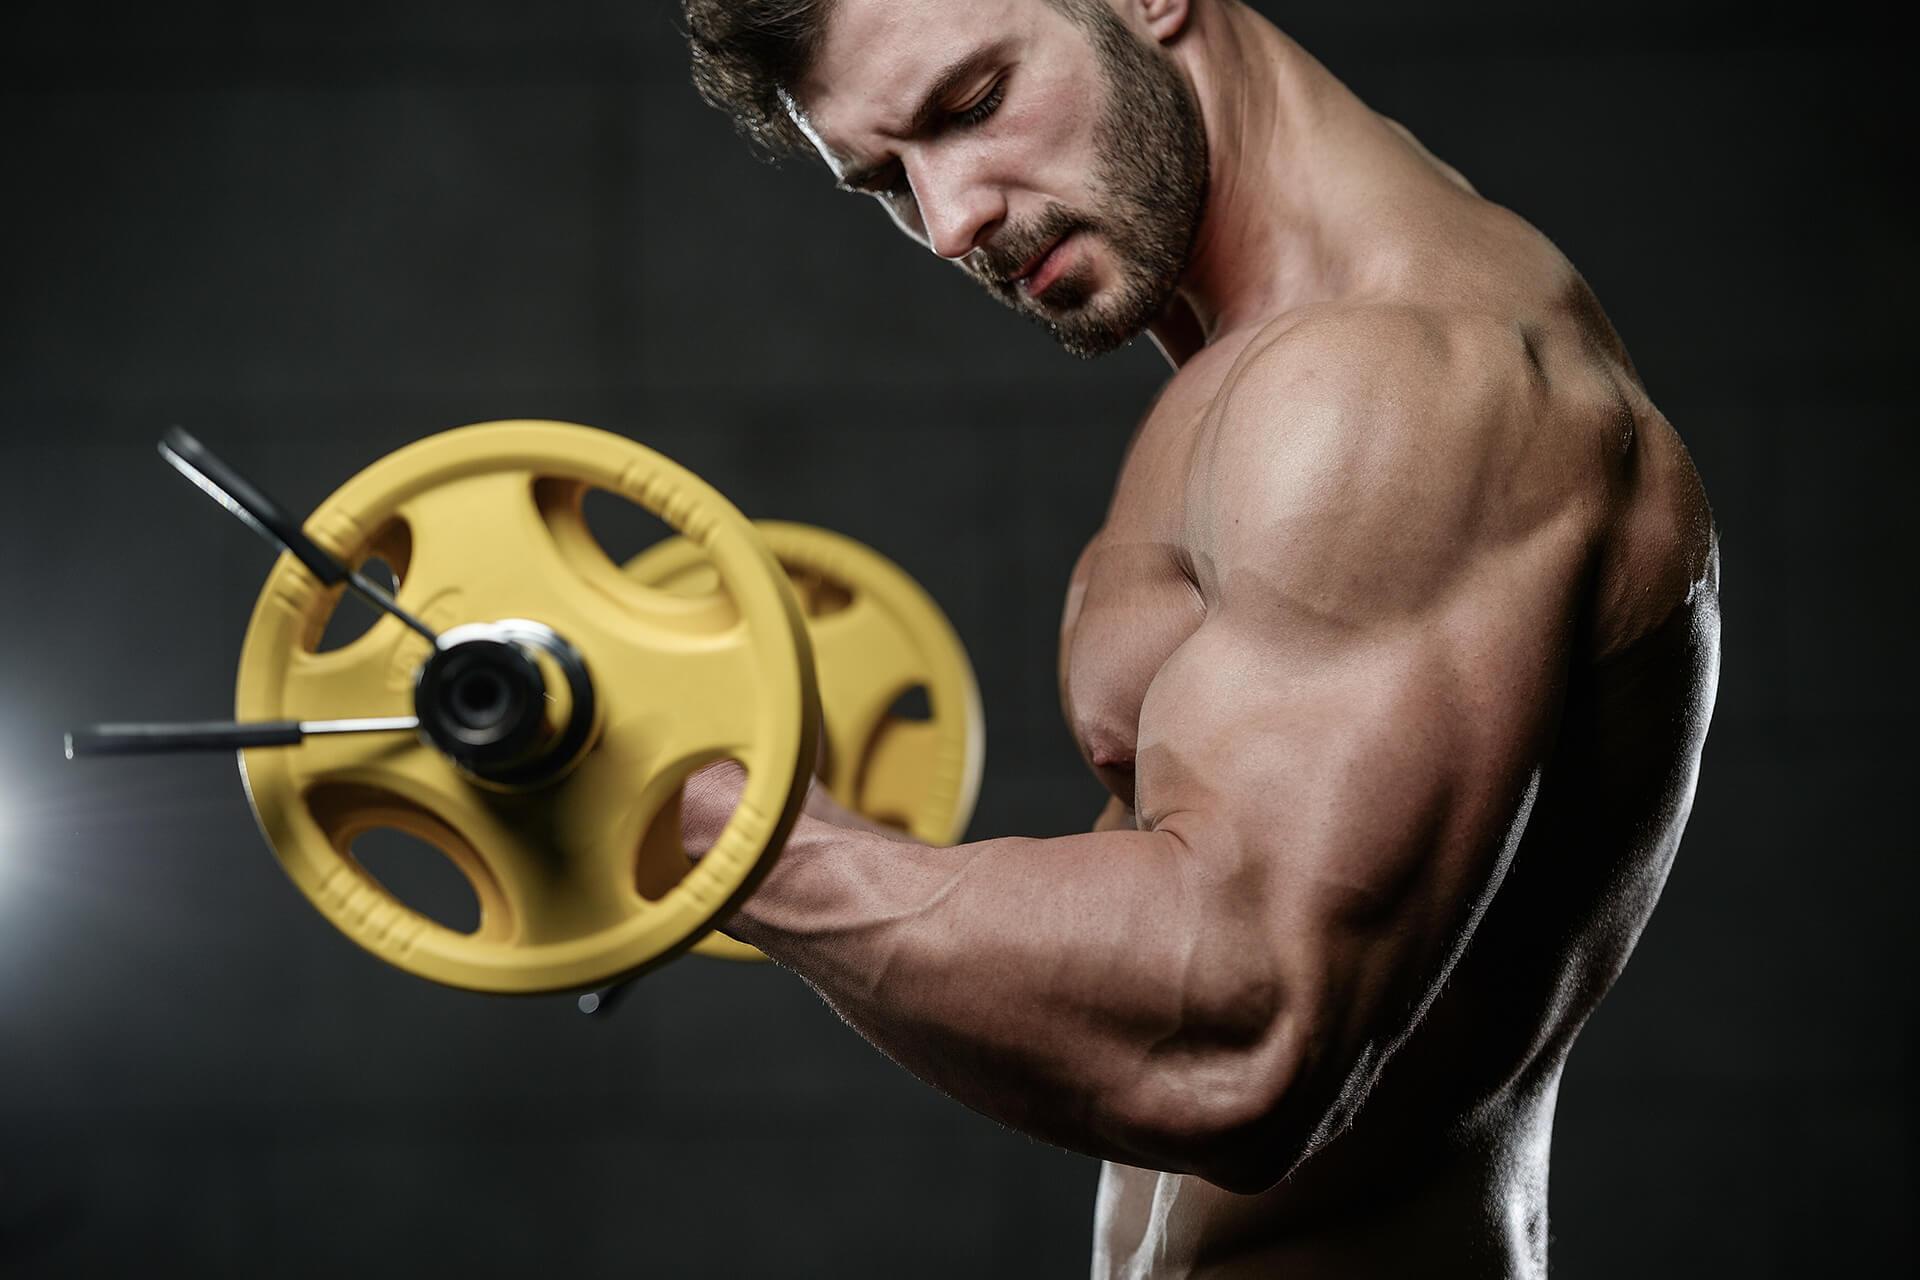 Zunehmen, aber wie? Gesund, schnell und ausgewogen | Muskelmacher-Shop